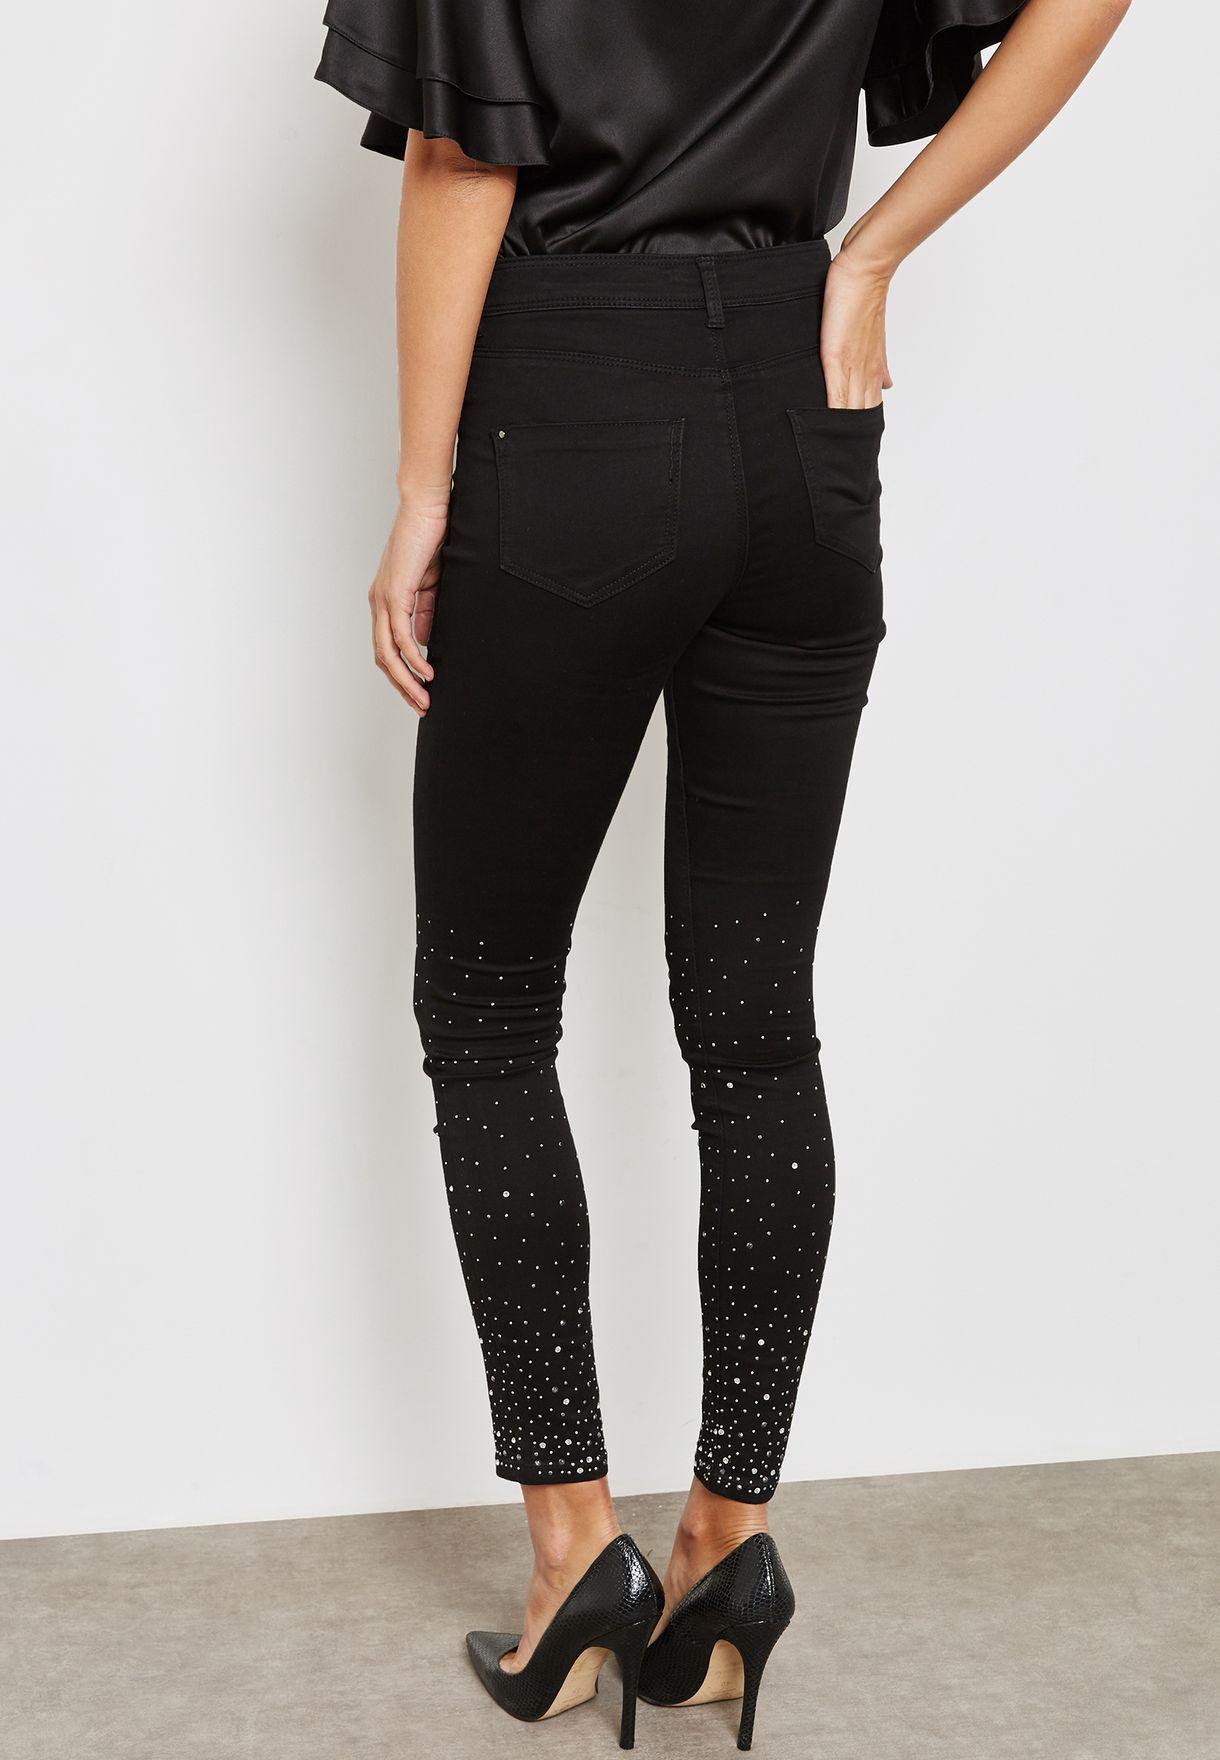 Embellished Detail Skinny Jeans